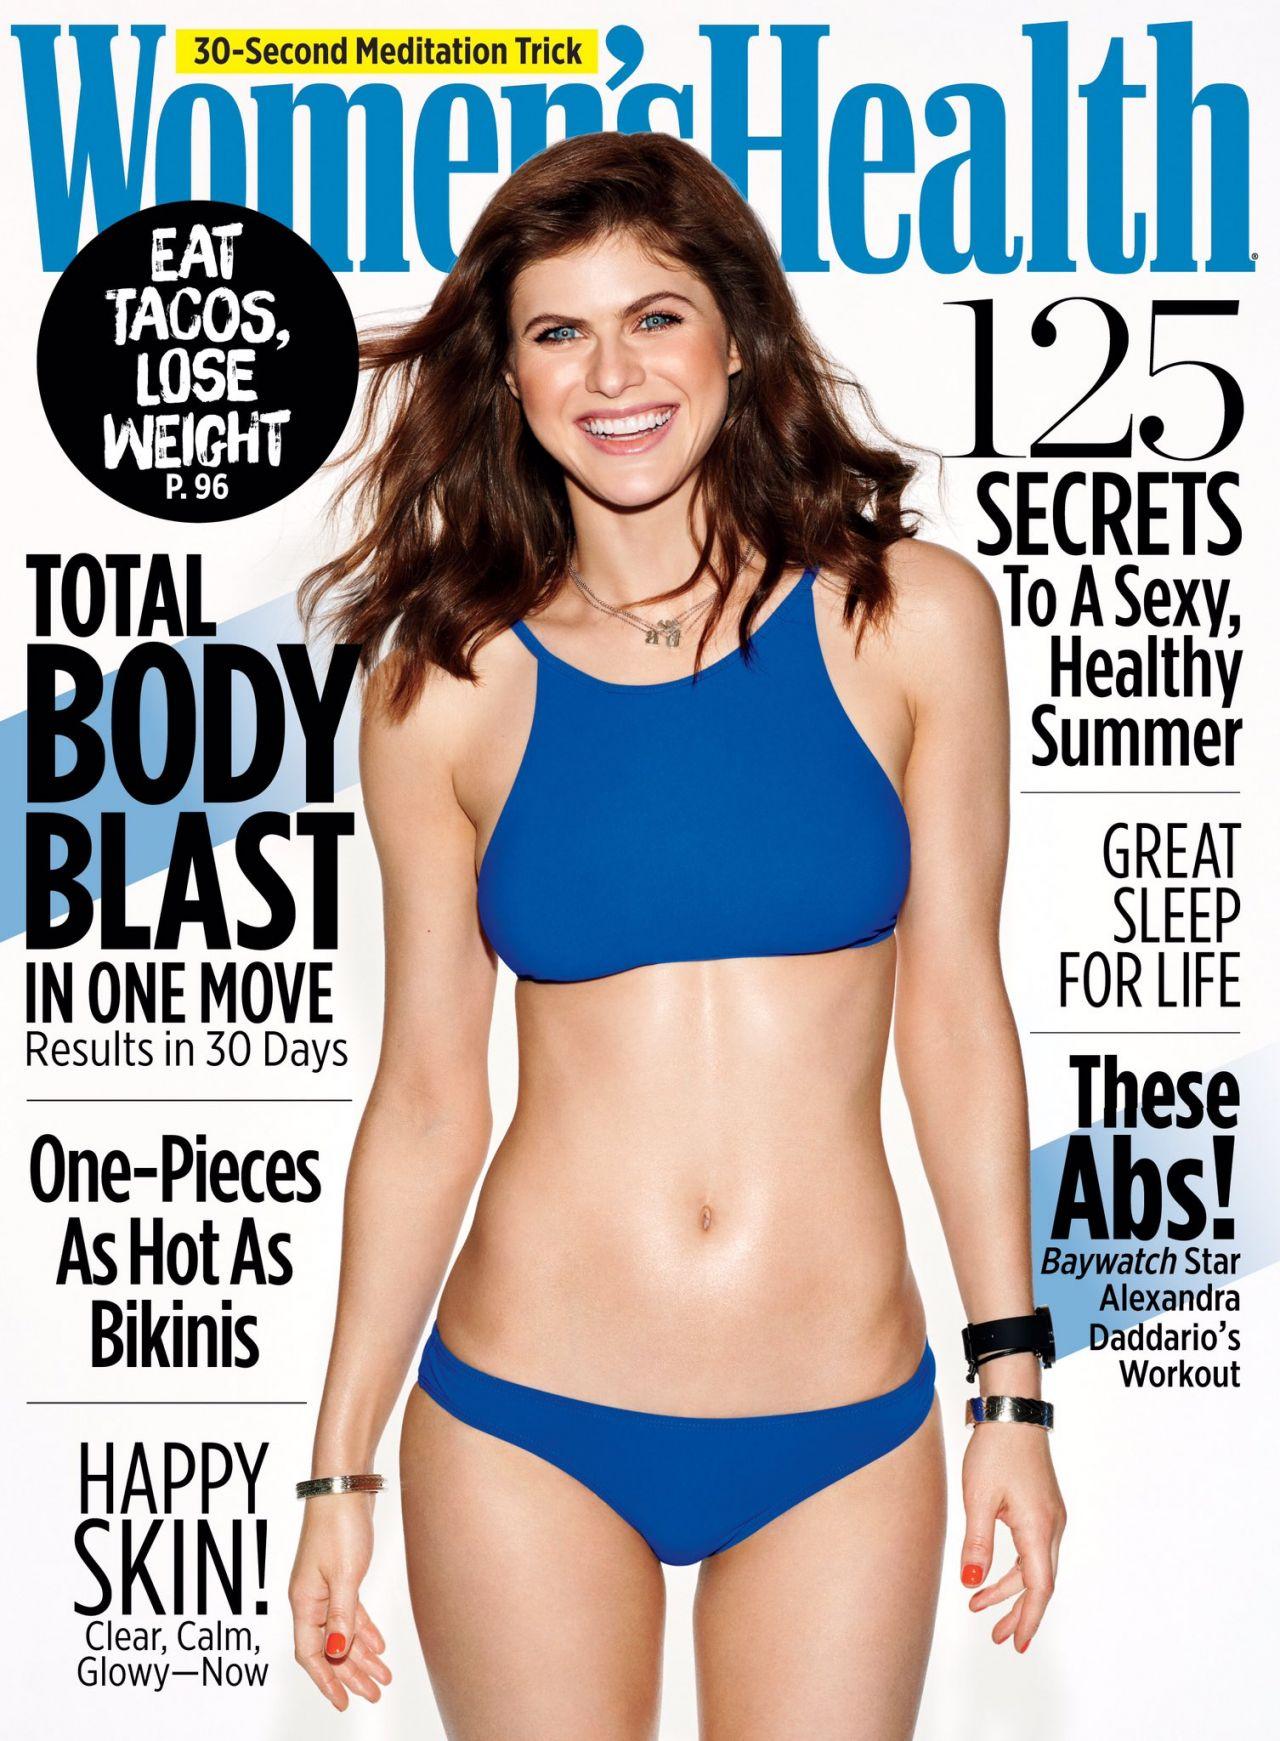 Alexandra Daddario's Women's Health Cover